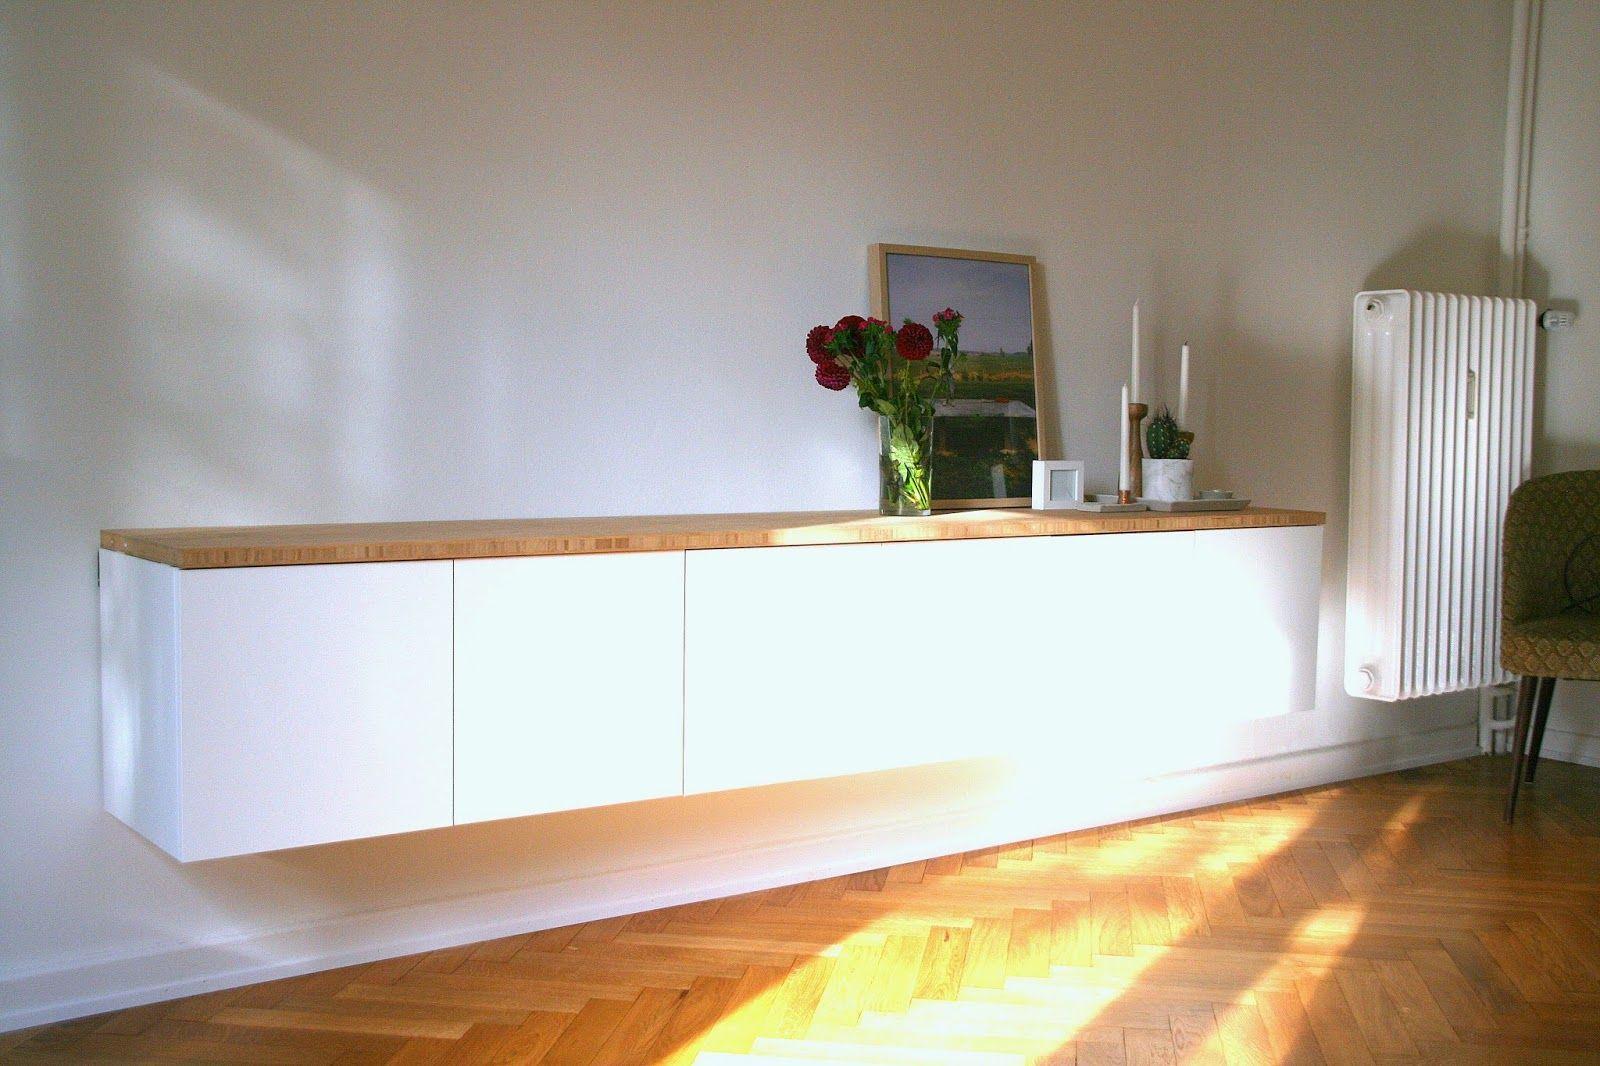 Full Size of Wohnzimmerschränke Ikea Geniale Idee Aus Mbeln Mbel Betten Bei Küche Kosten Sofa Mit Schlaffunktion Miniküche Modulküche 160x200 Kaufen Wohnzimmer Wohnzimmerschränke Ikea